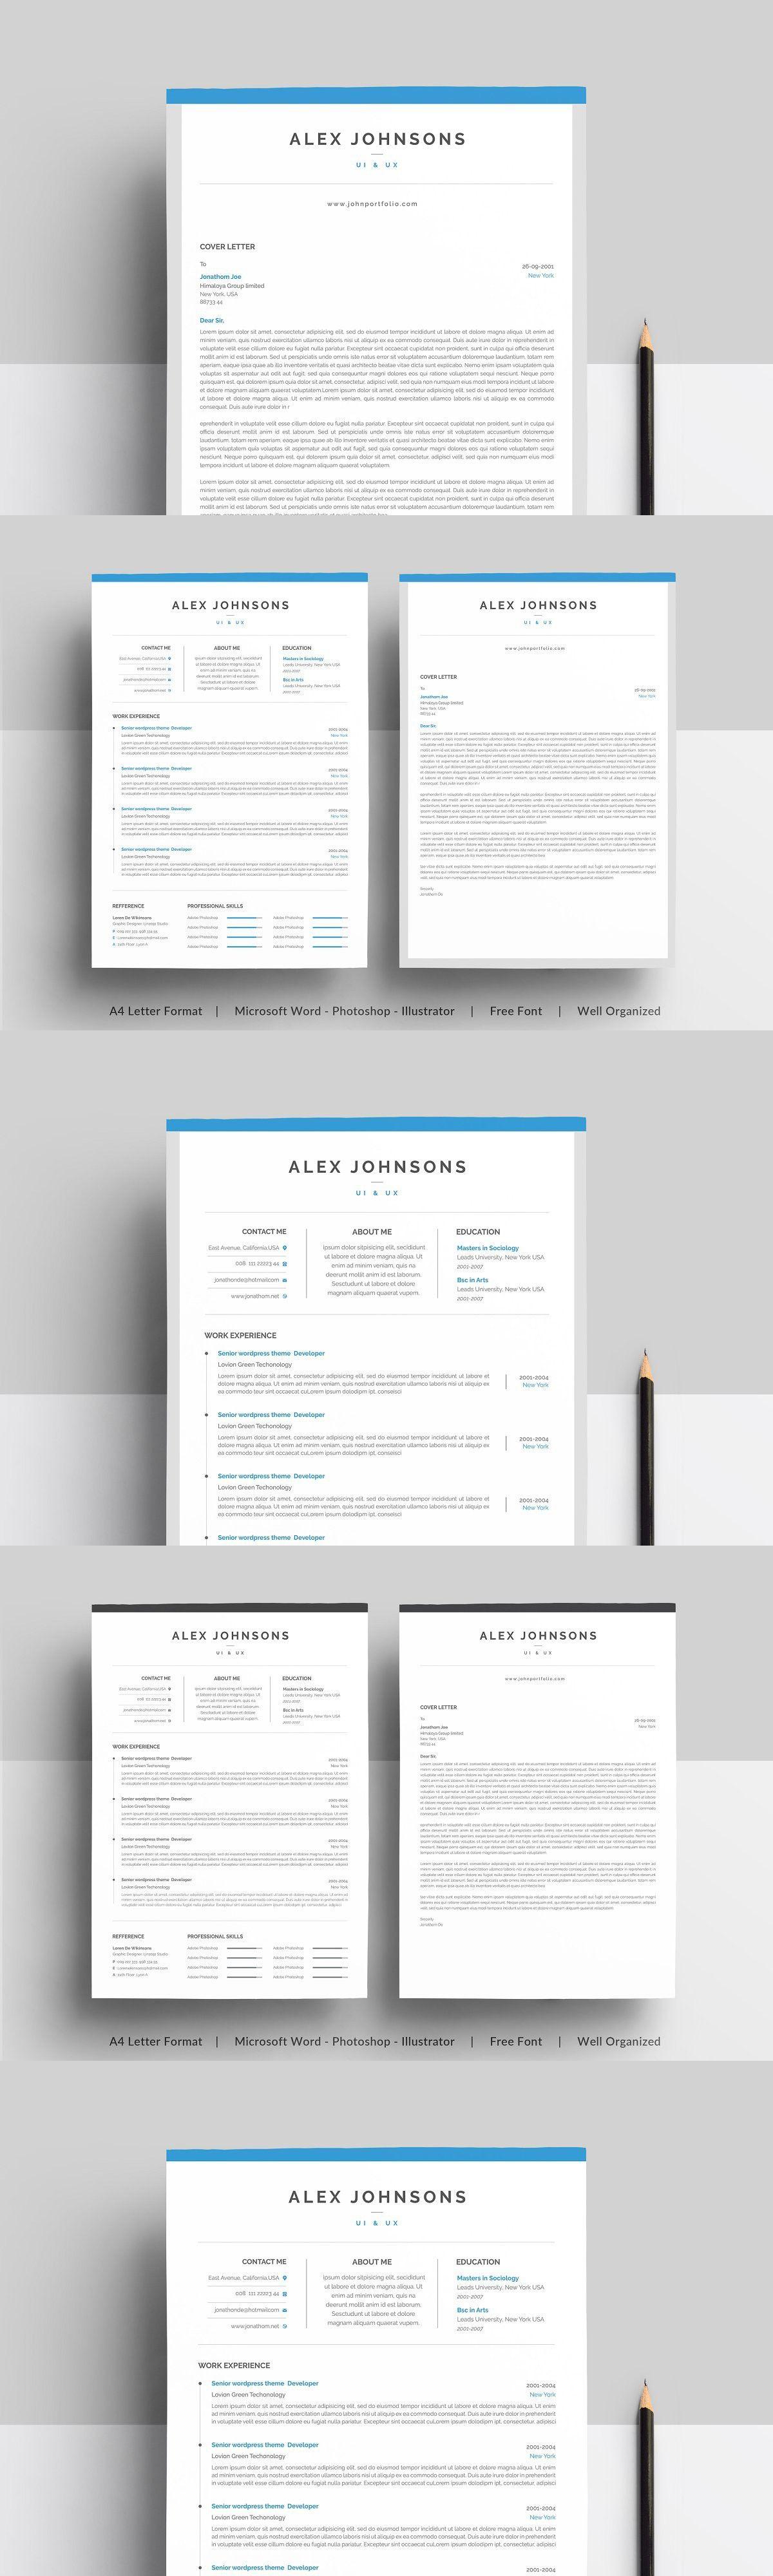 Resume in 2020 Resume, Cover letter for resume